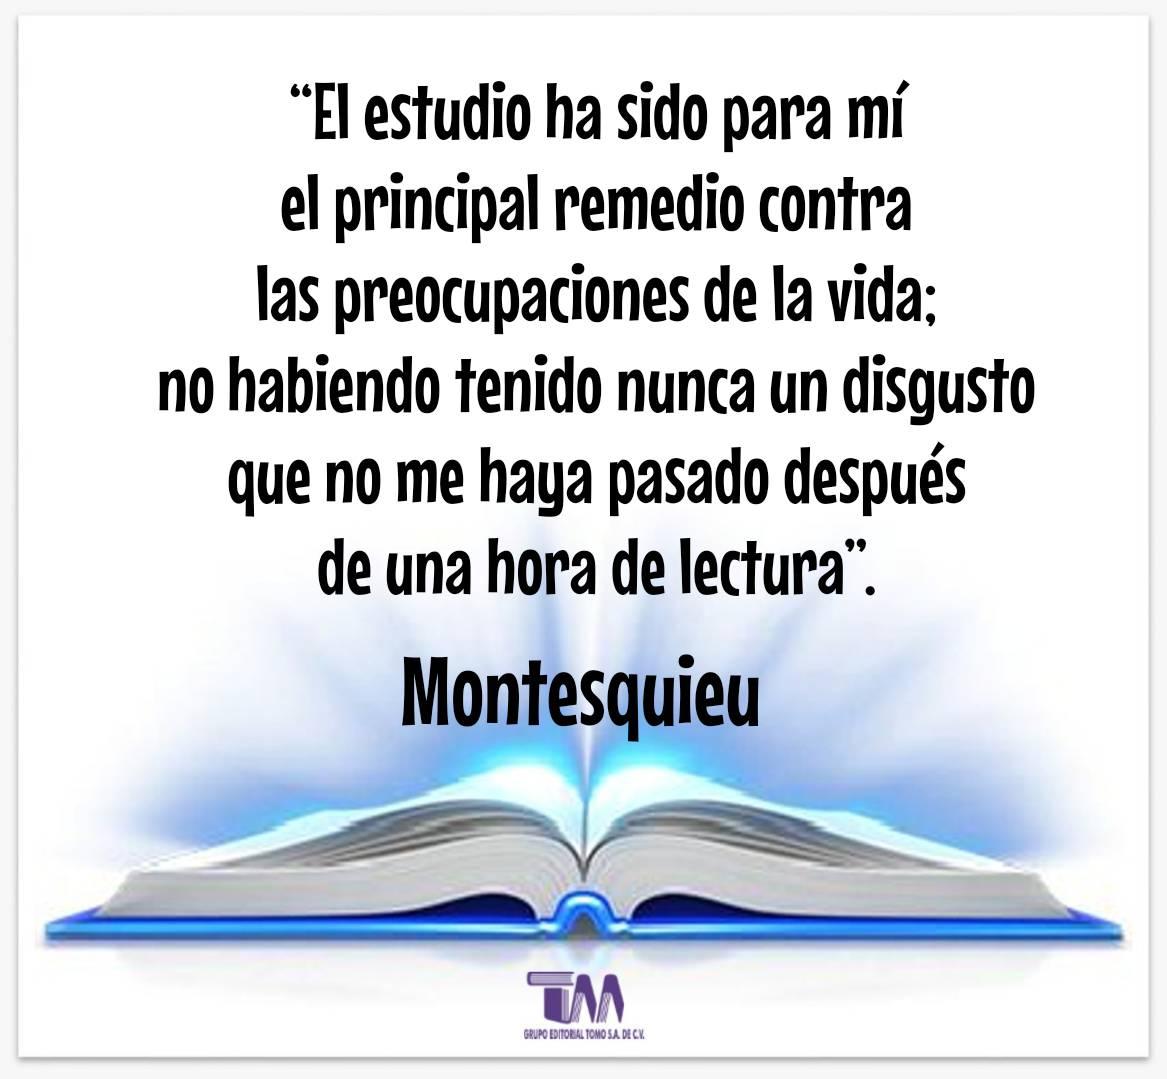 #yoleoTOMO #Libros #lectura #autoresclásicos #AmorPorLosLibros pic.twitter.com/C0Wg6R7SyP